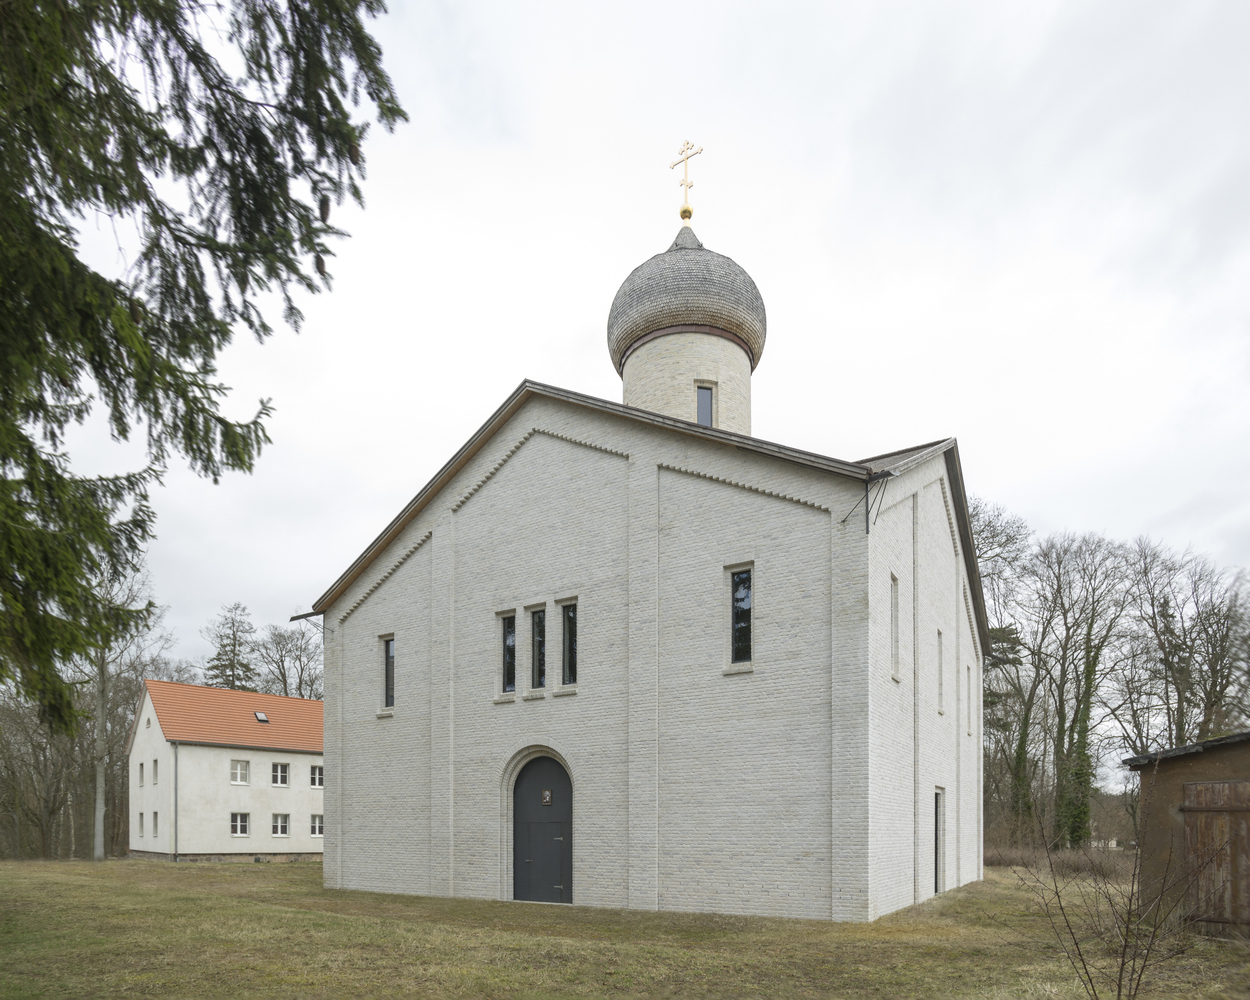 Монастырь площадью 358кв. м может одновременно вместить двести прихожан, отмечает ArchDaily